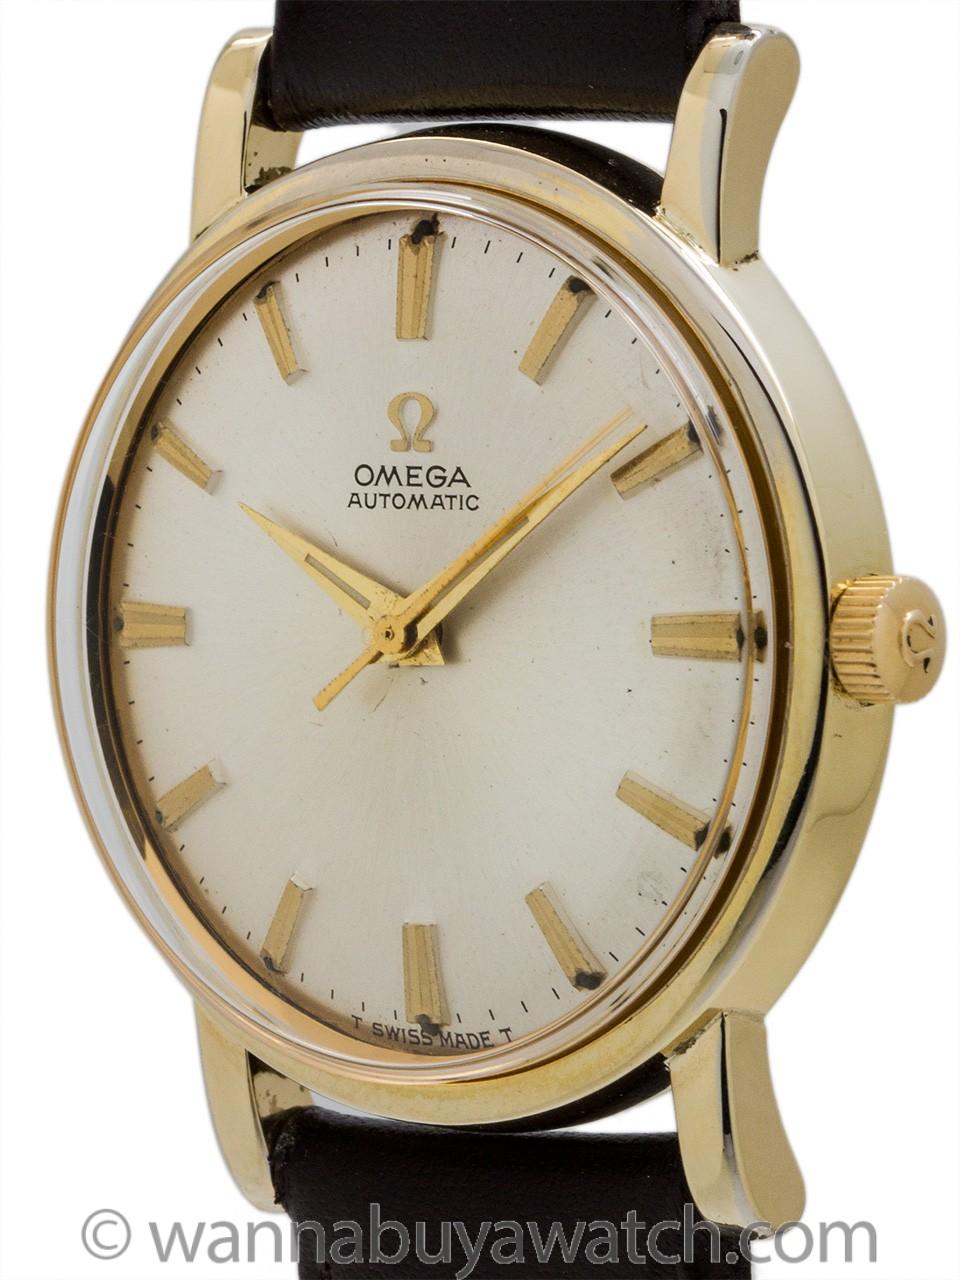 Omega Automatic ref 6289 circa 1969